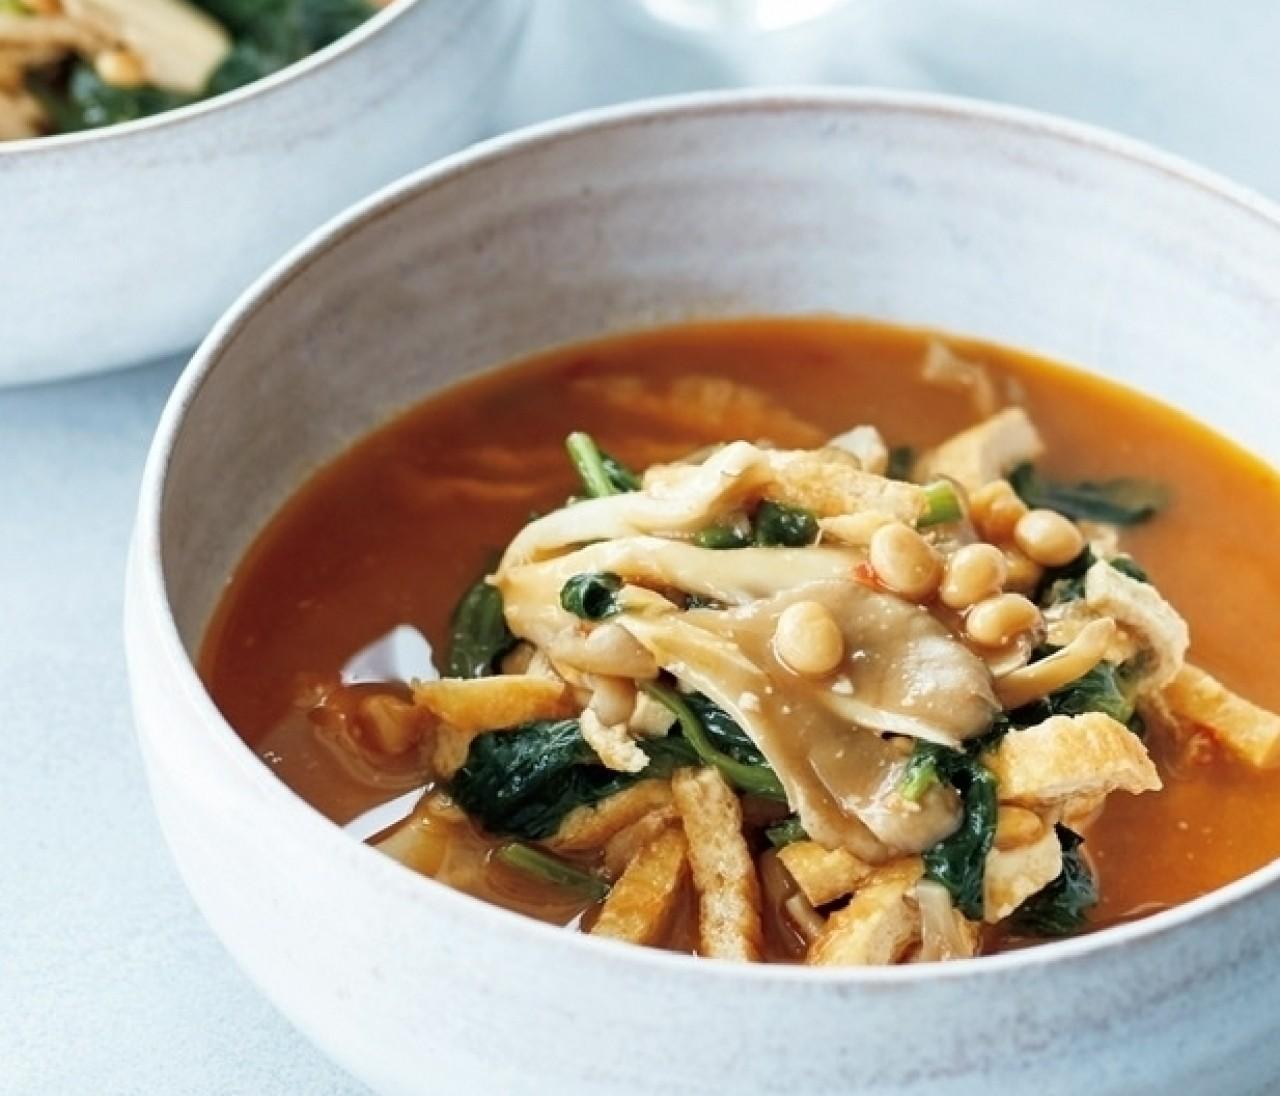 【新刊発売記念】 Atsushiさんのむくみに効く「納豆のスパイシー味噌スープ」レシピ特別公開